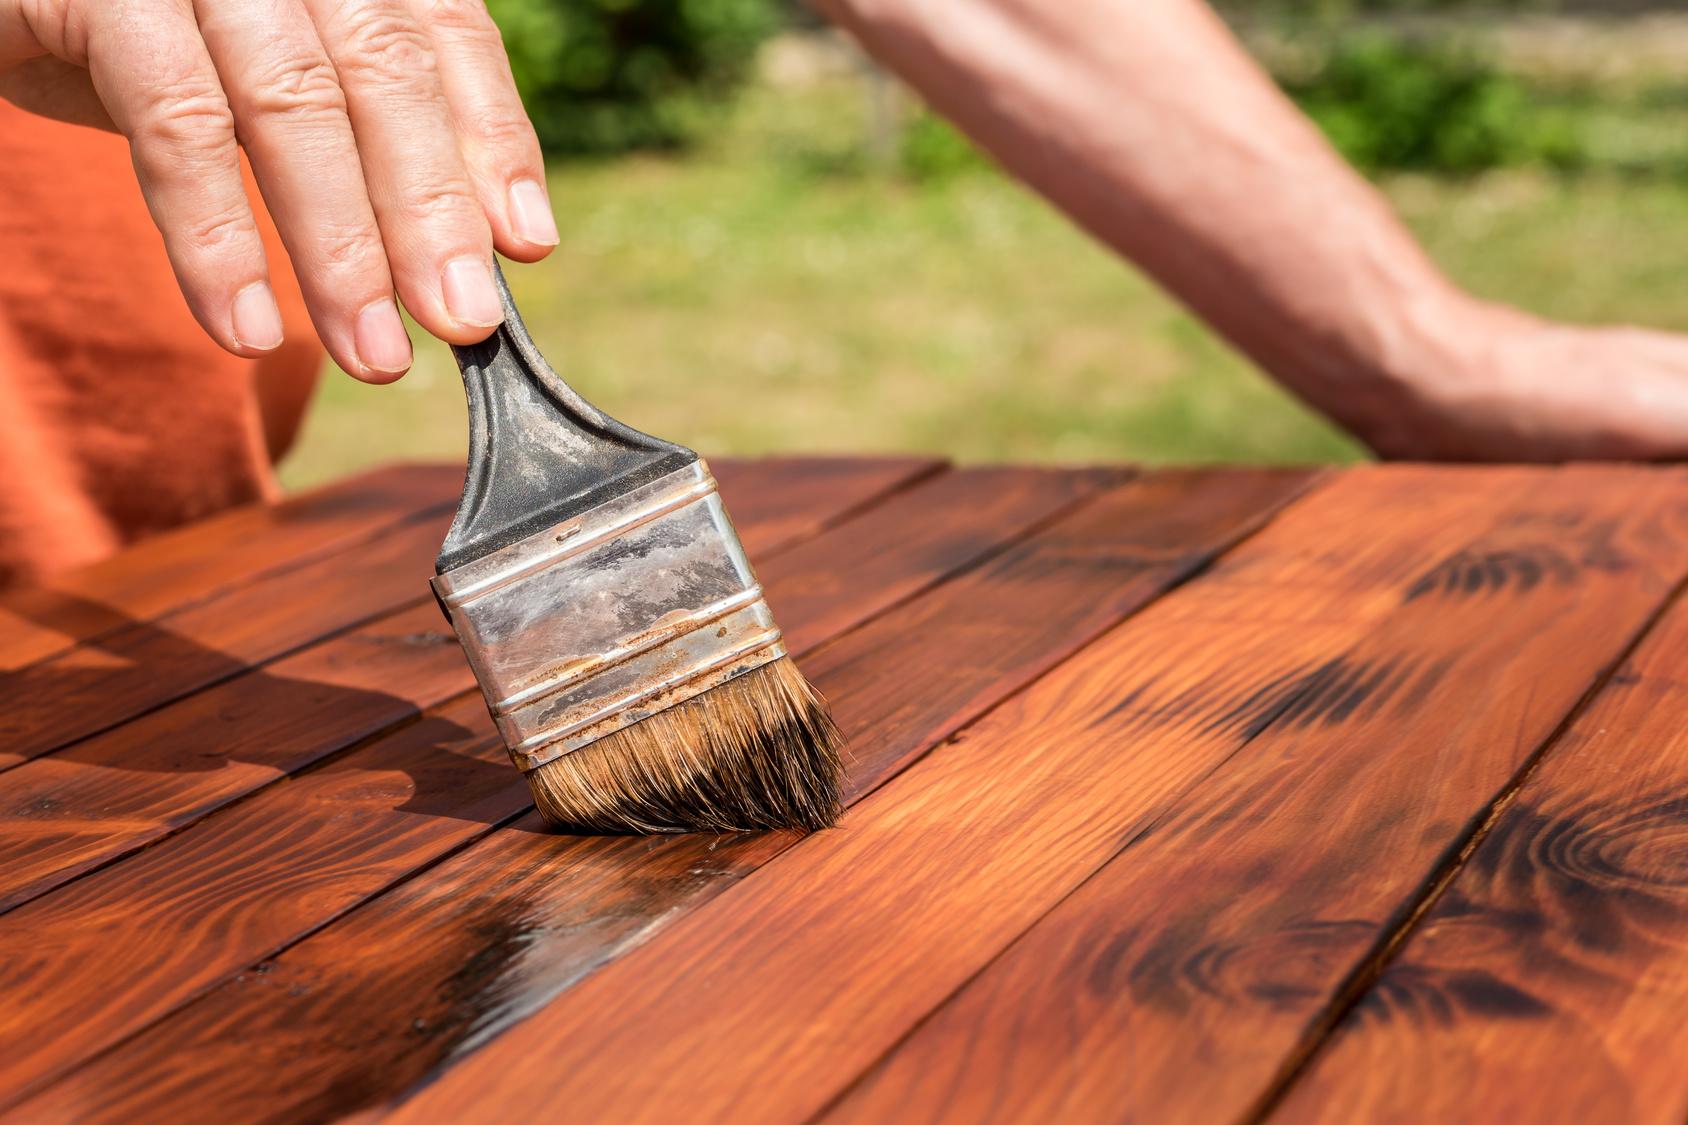 Peindre Une Table En Bois - Peindre une table en bois